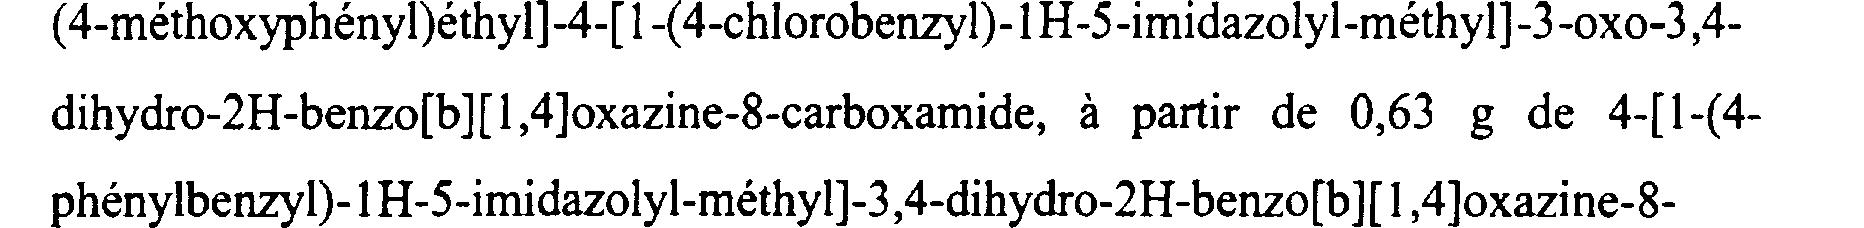 Figure img00820005